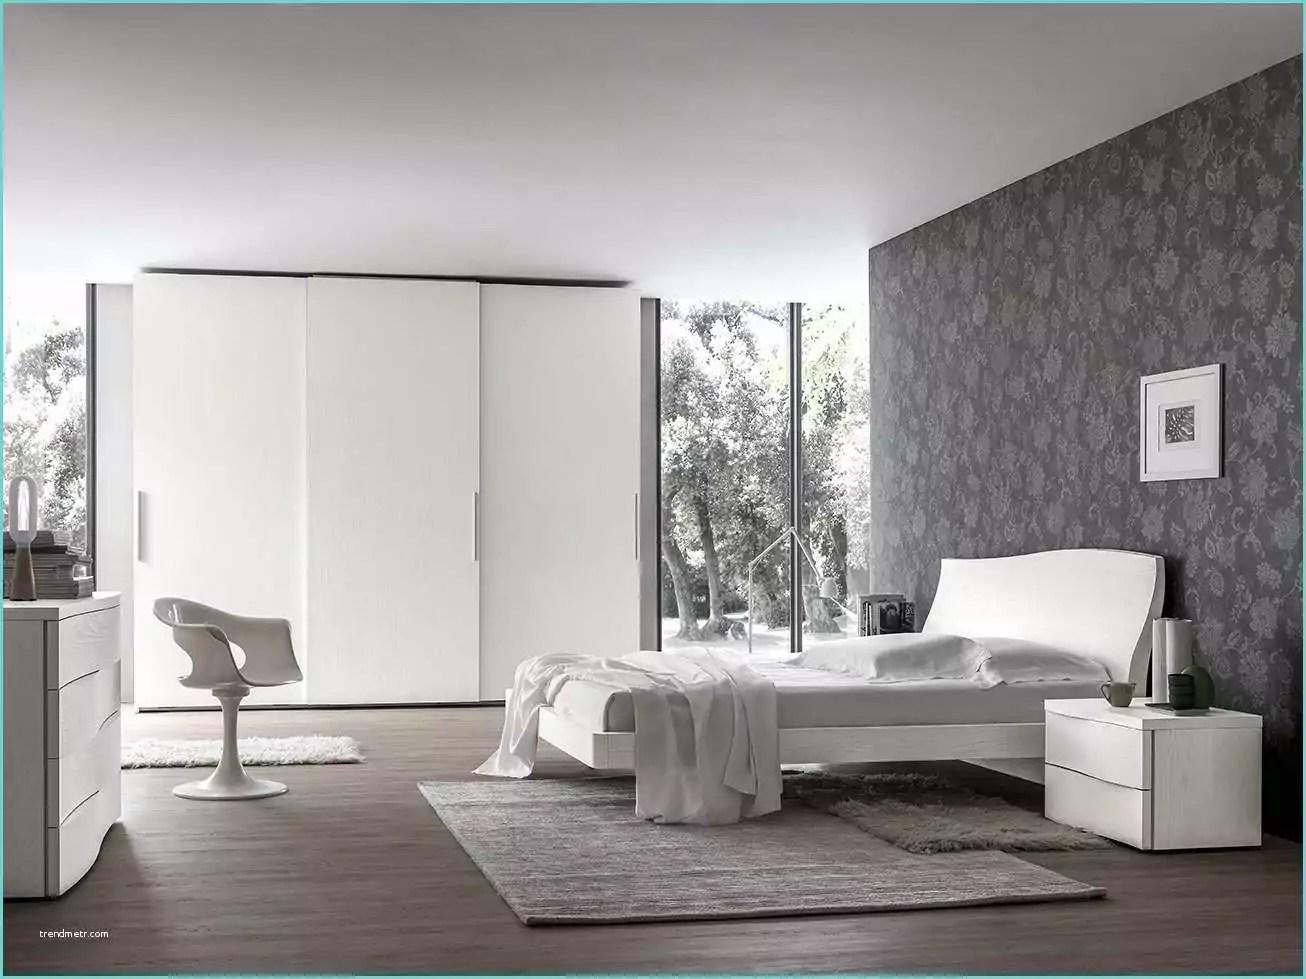 Pittura Camera Da Letto Moderna | Pitture Moderne Per Camere Da ...